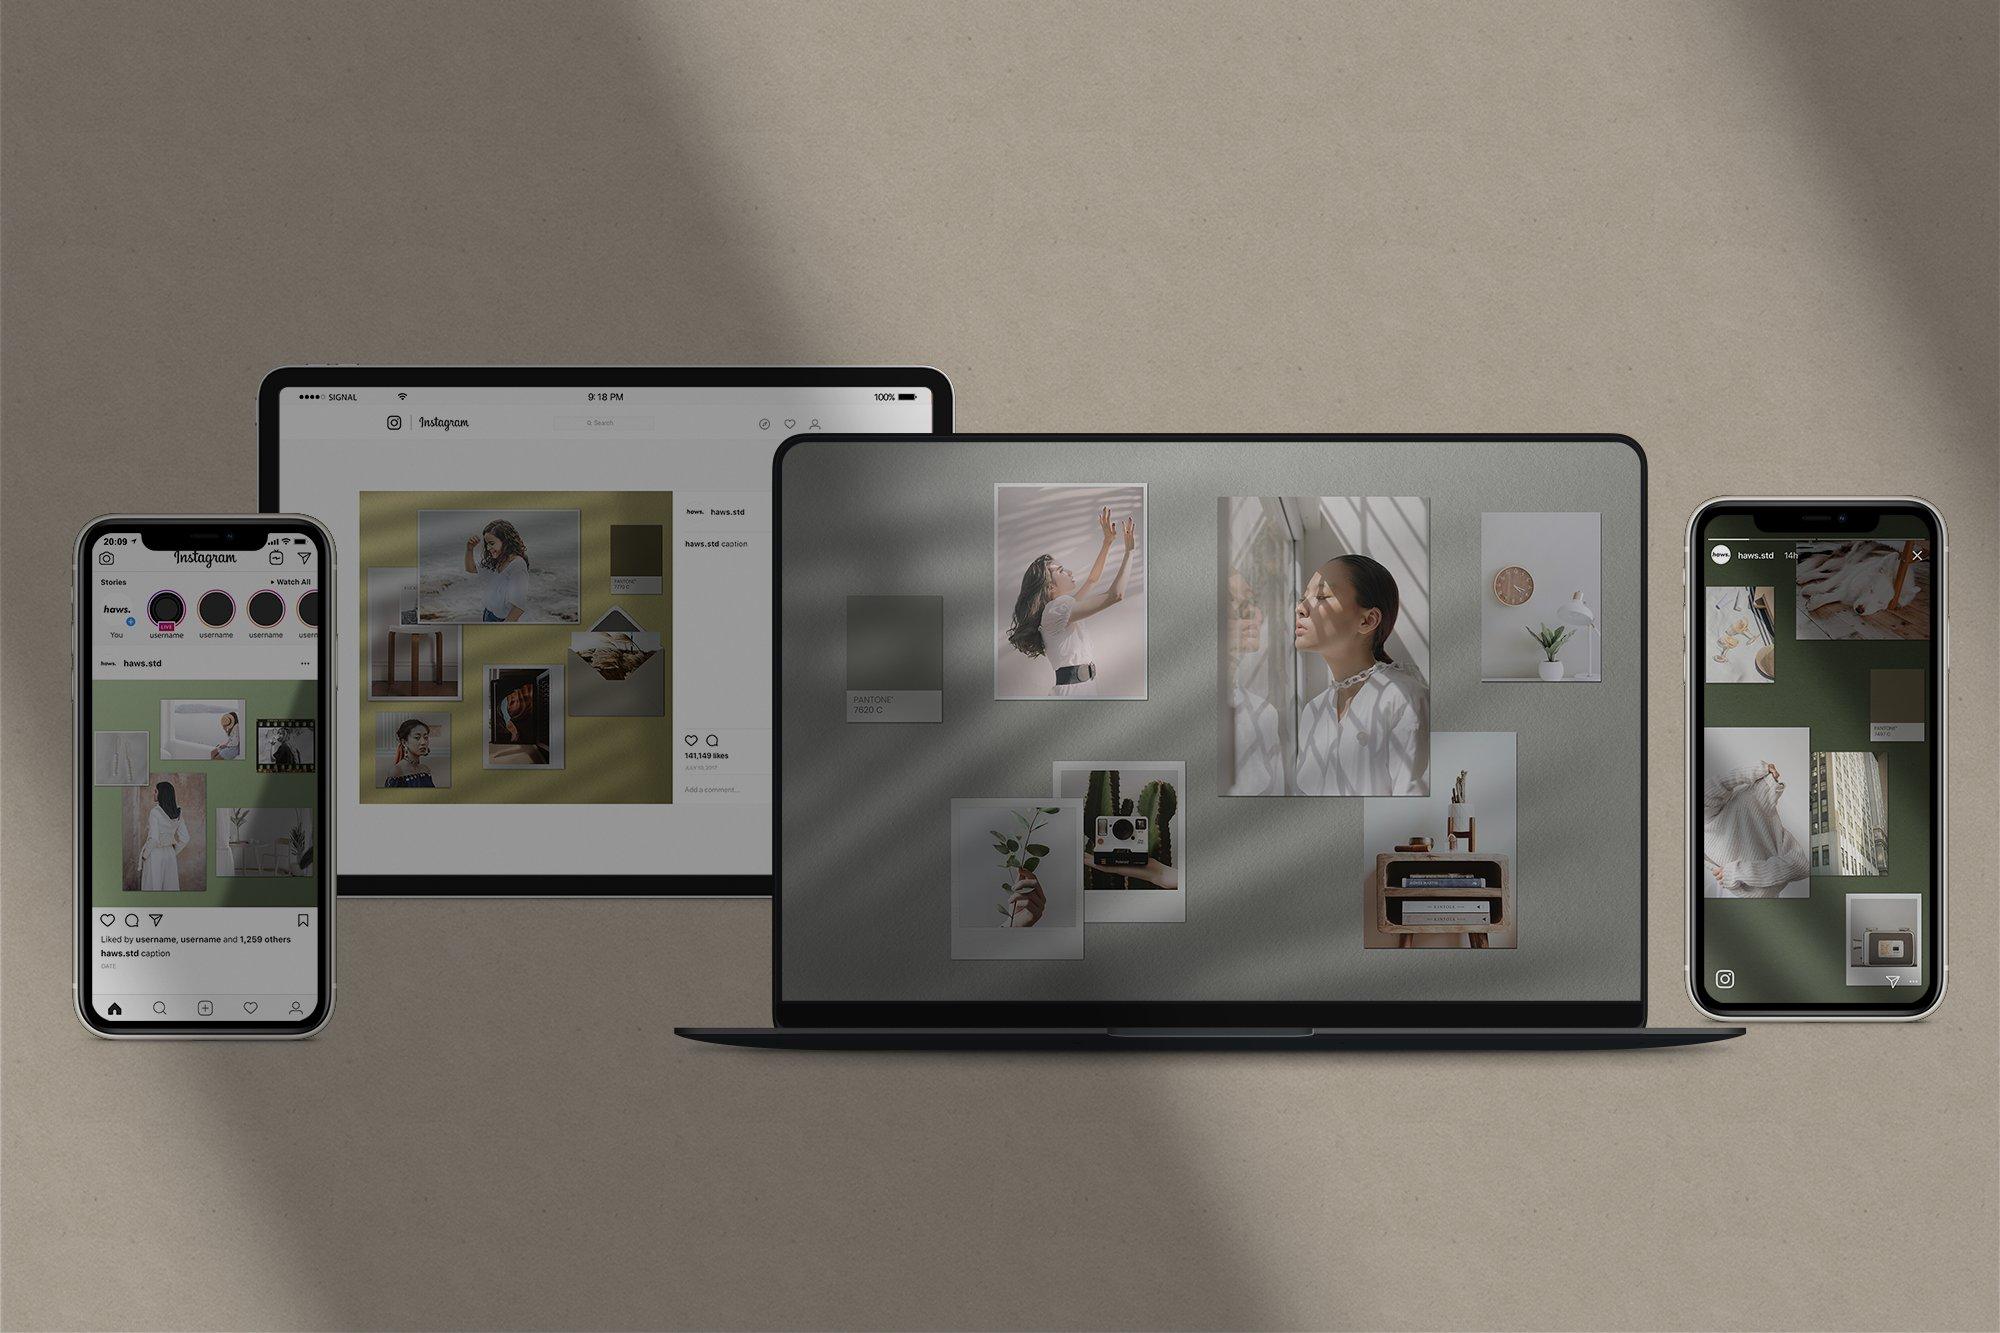 优雅剪贴相片情绪版卡片拼贴设计智能贴图展示样机 Moodboard Mockup Kit插图(1)